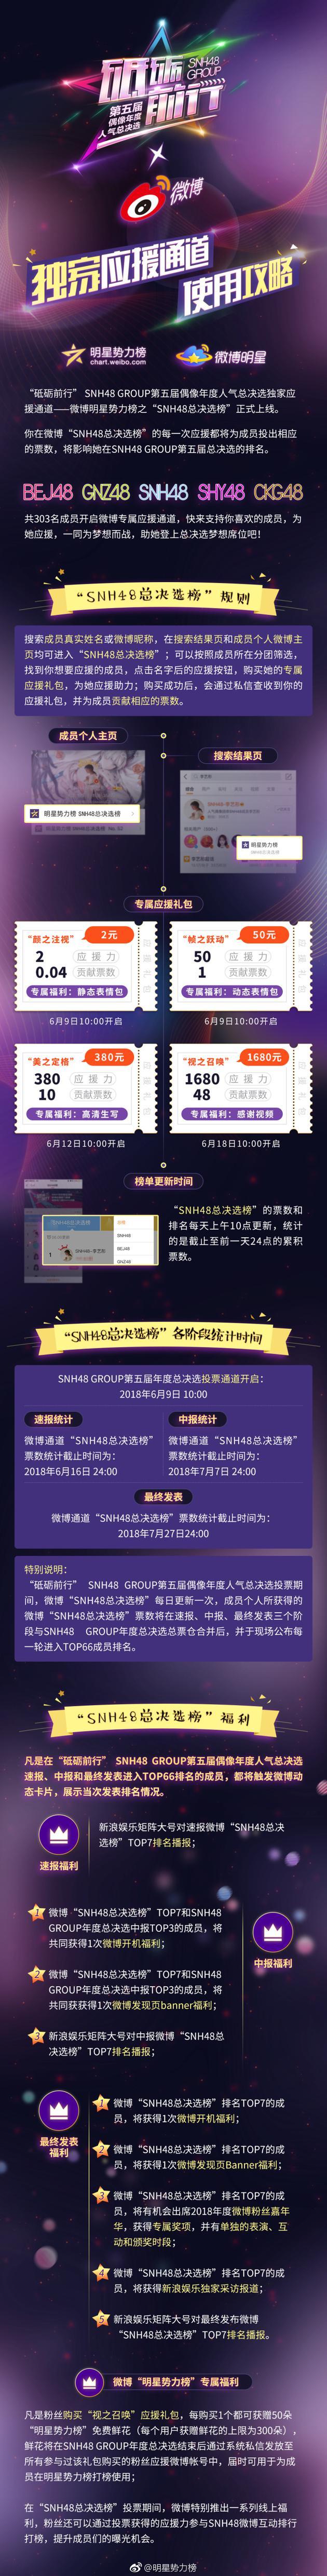 微博助力SNH48年度总选 首日榜单出炉黄婷婷登顶